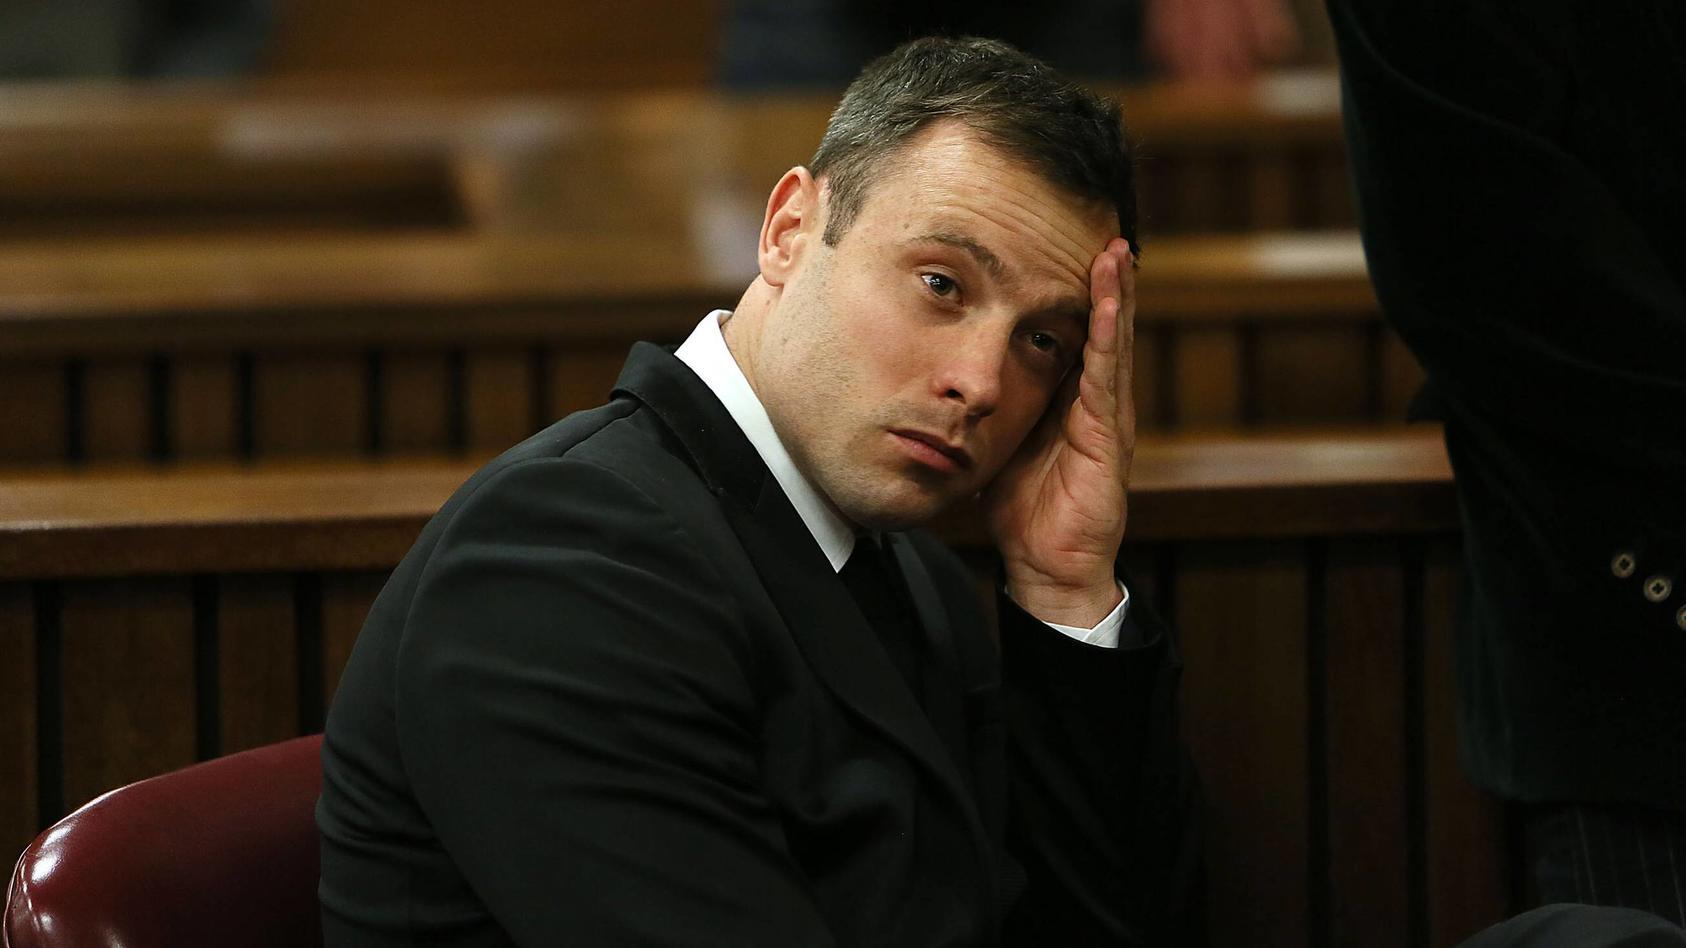 Vom Sport-Star zum Mörder: Der tiefe Fall des Oscar Pistorius